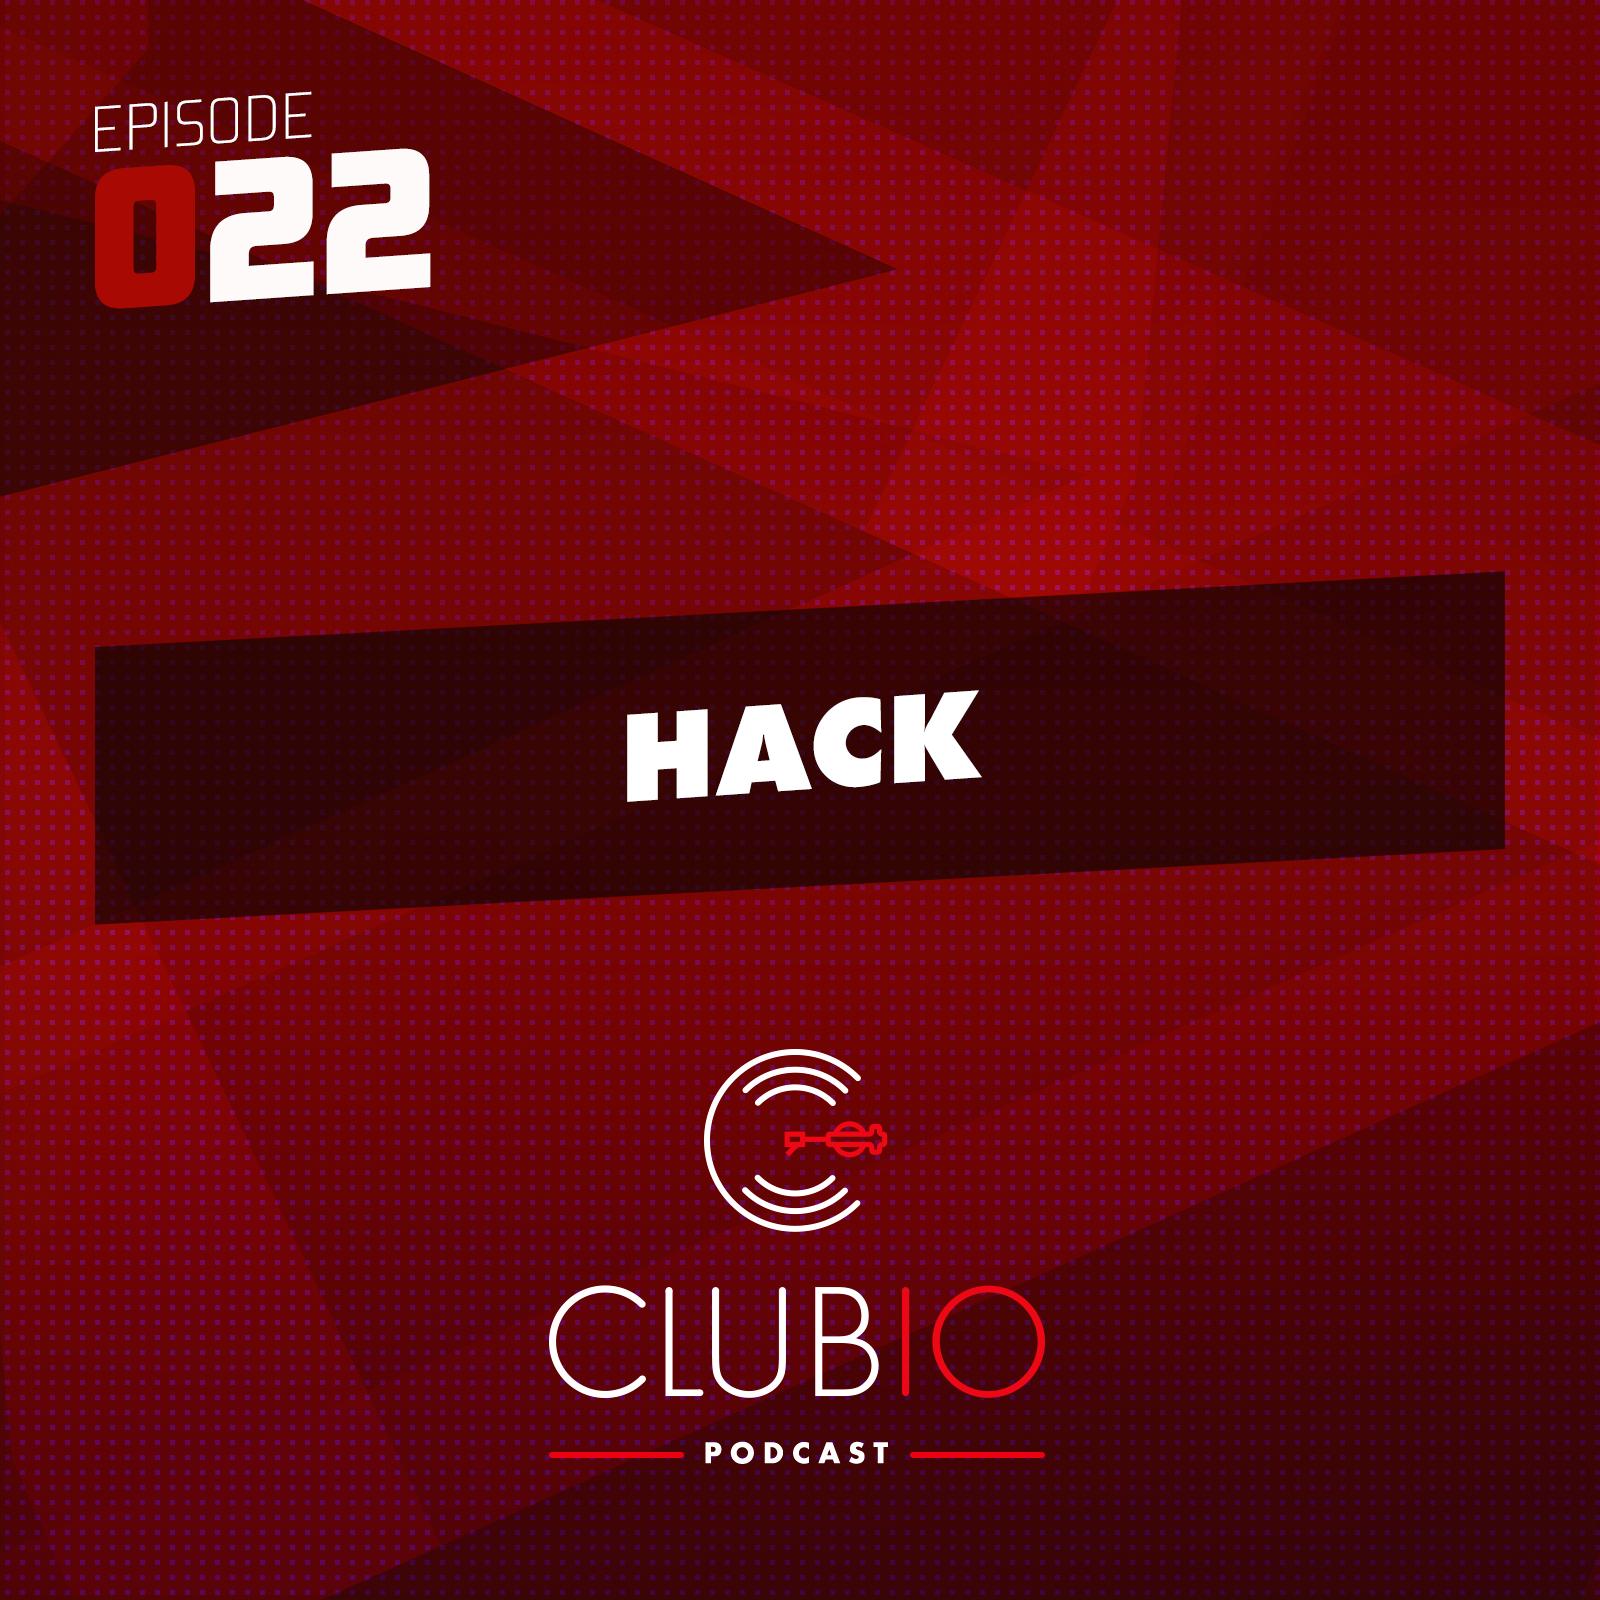 Clubio Podcast 022 - Hack